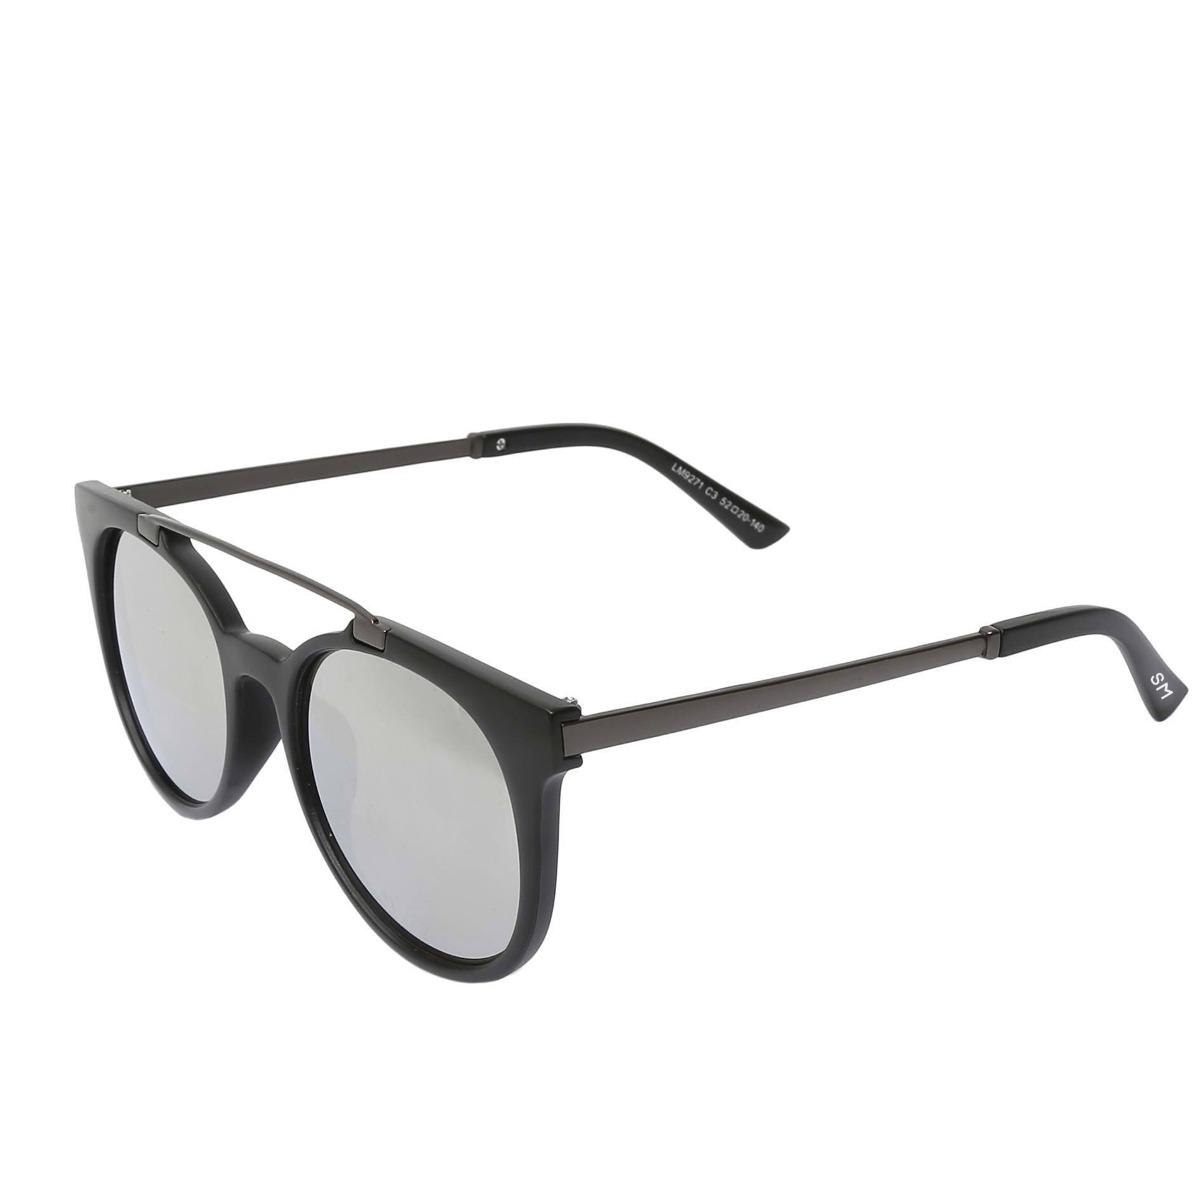 Óculos De Sol Masculino Sandro Moscoloni Joly Preto - R  159,90 em ... ac510bbbca